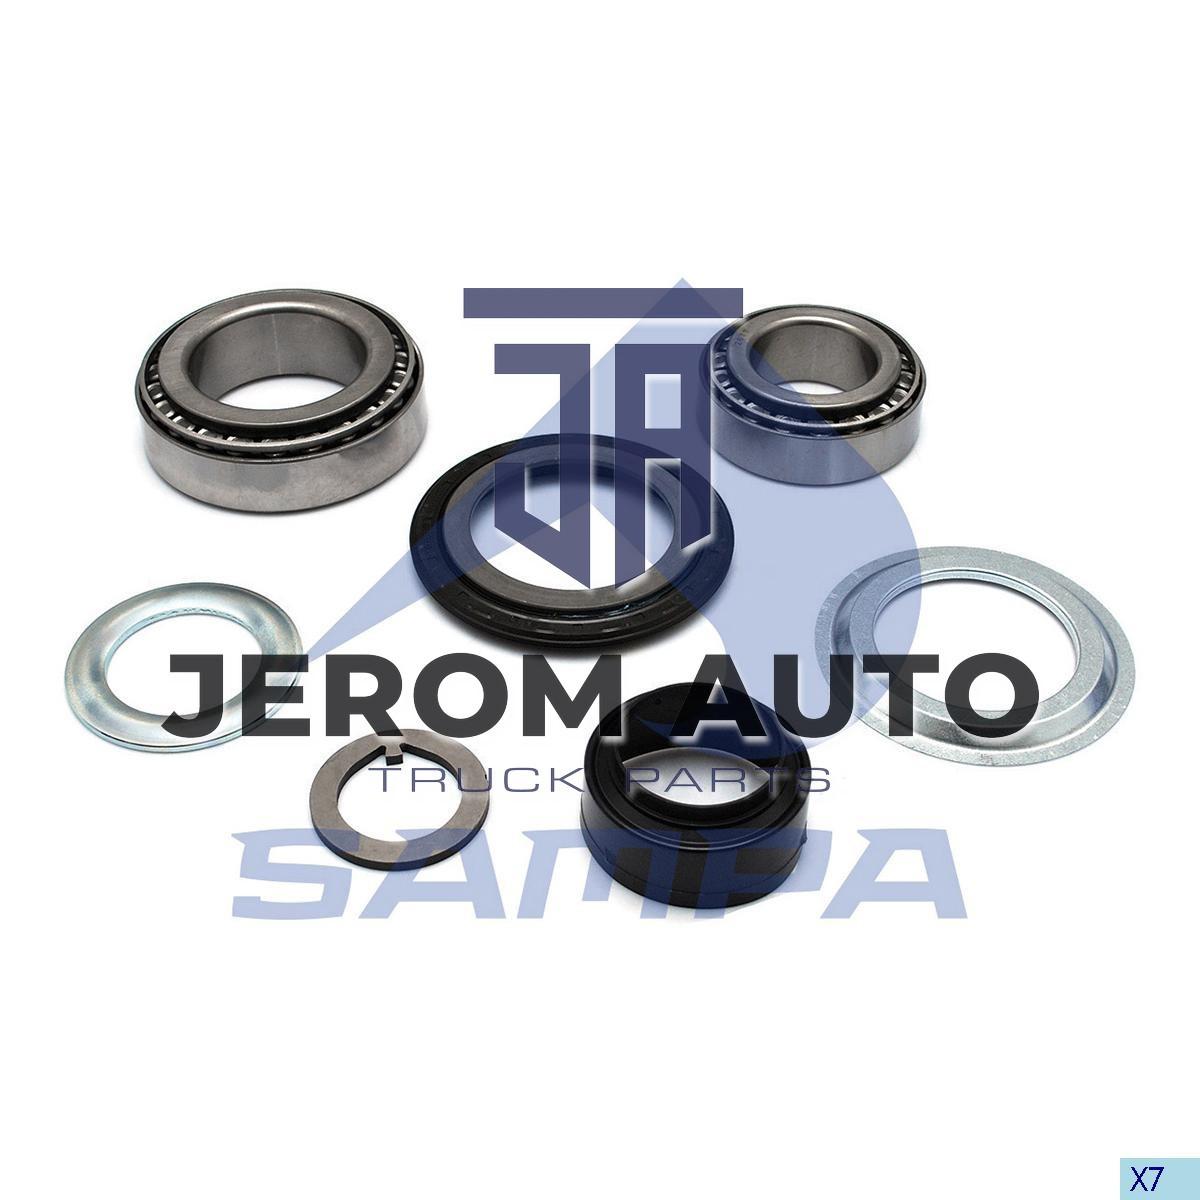 Ремкомплект подшипников ступицы колеса в наборе BPW (d90xd150x45/d65xd120x41) \0980106260 \ 070.606/SD